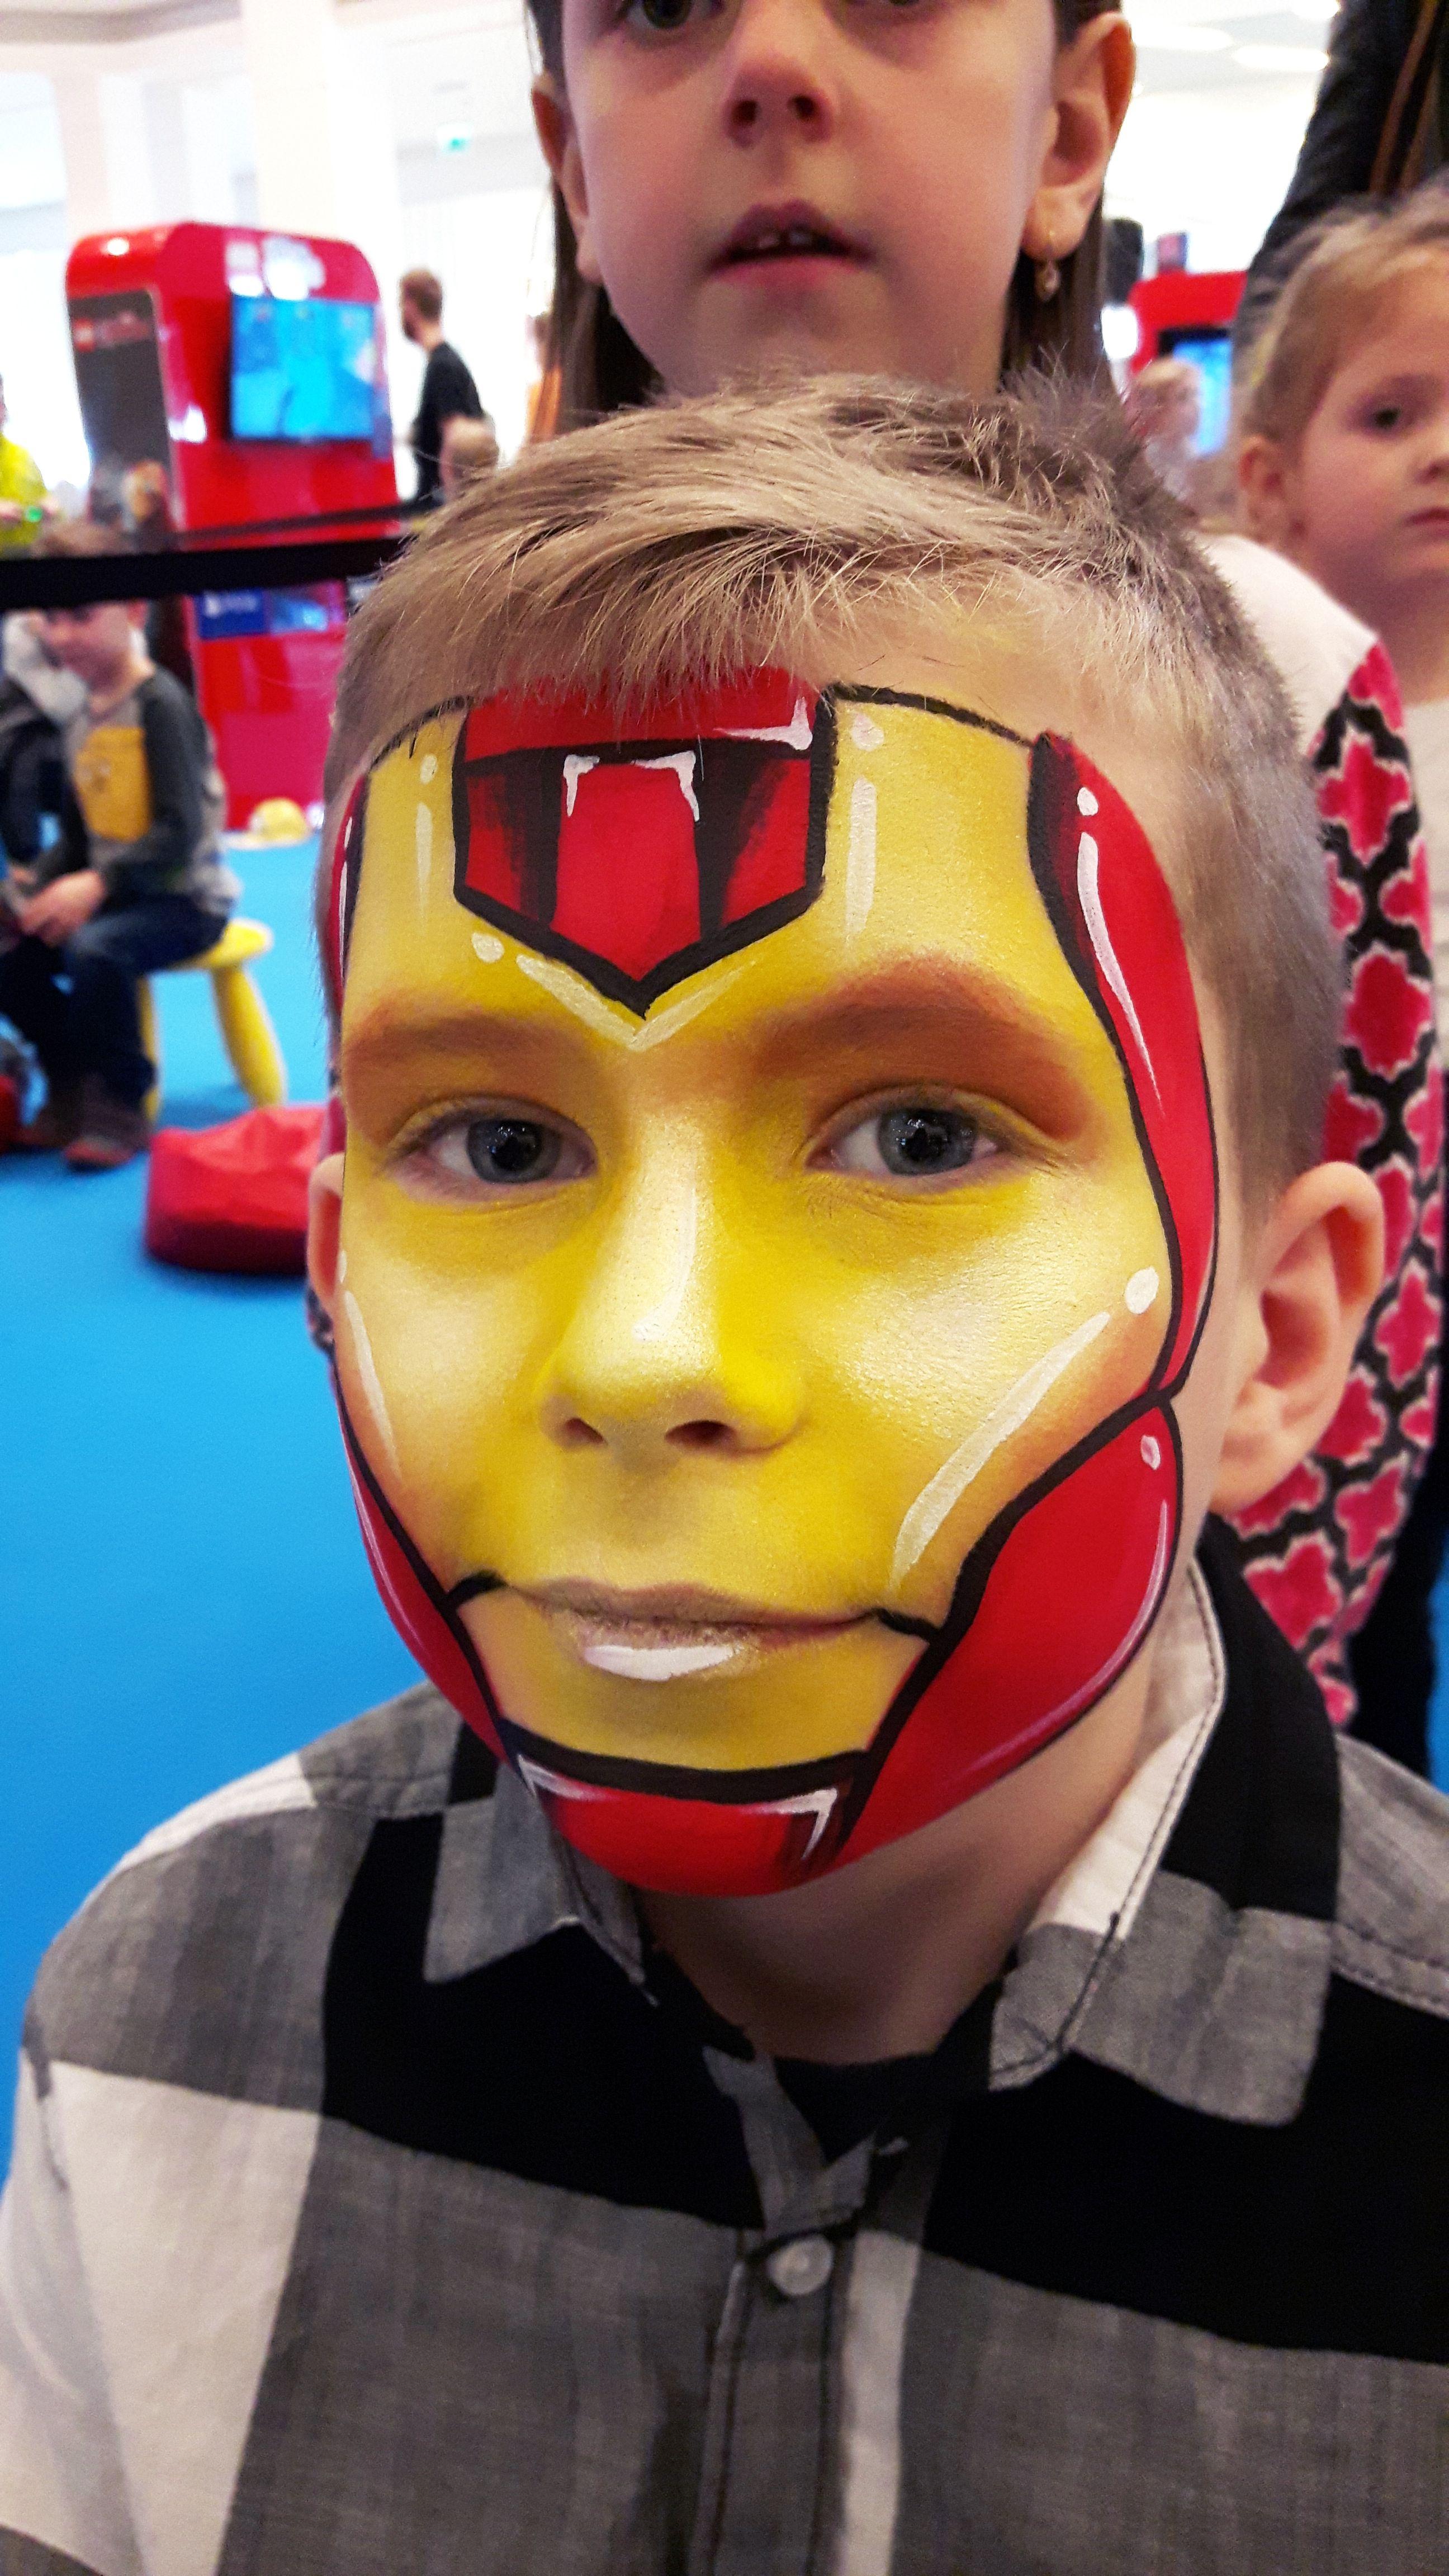 Iron Man Face Paint Superhero Face Painting Face Painting Halloween Iron Man Face Paint